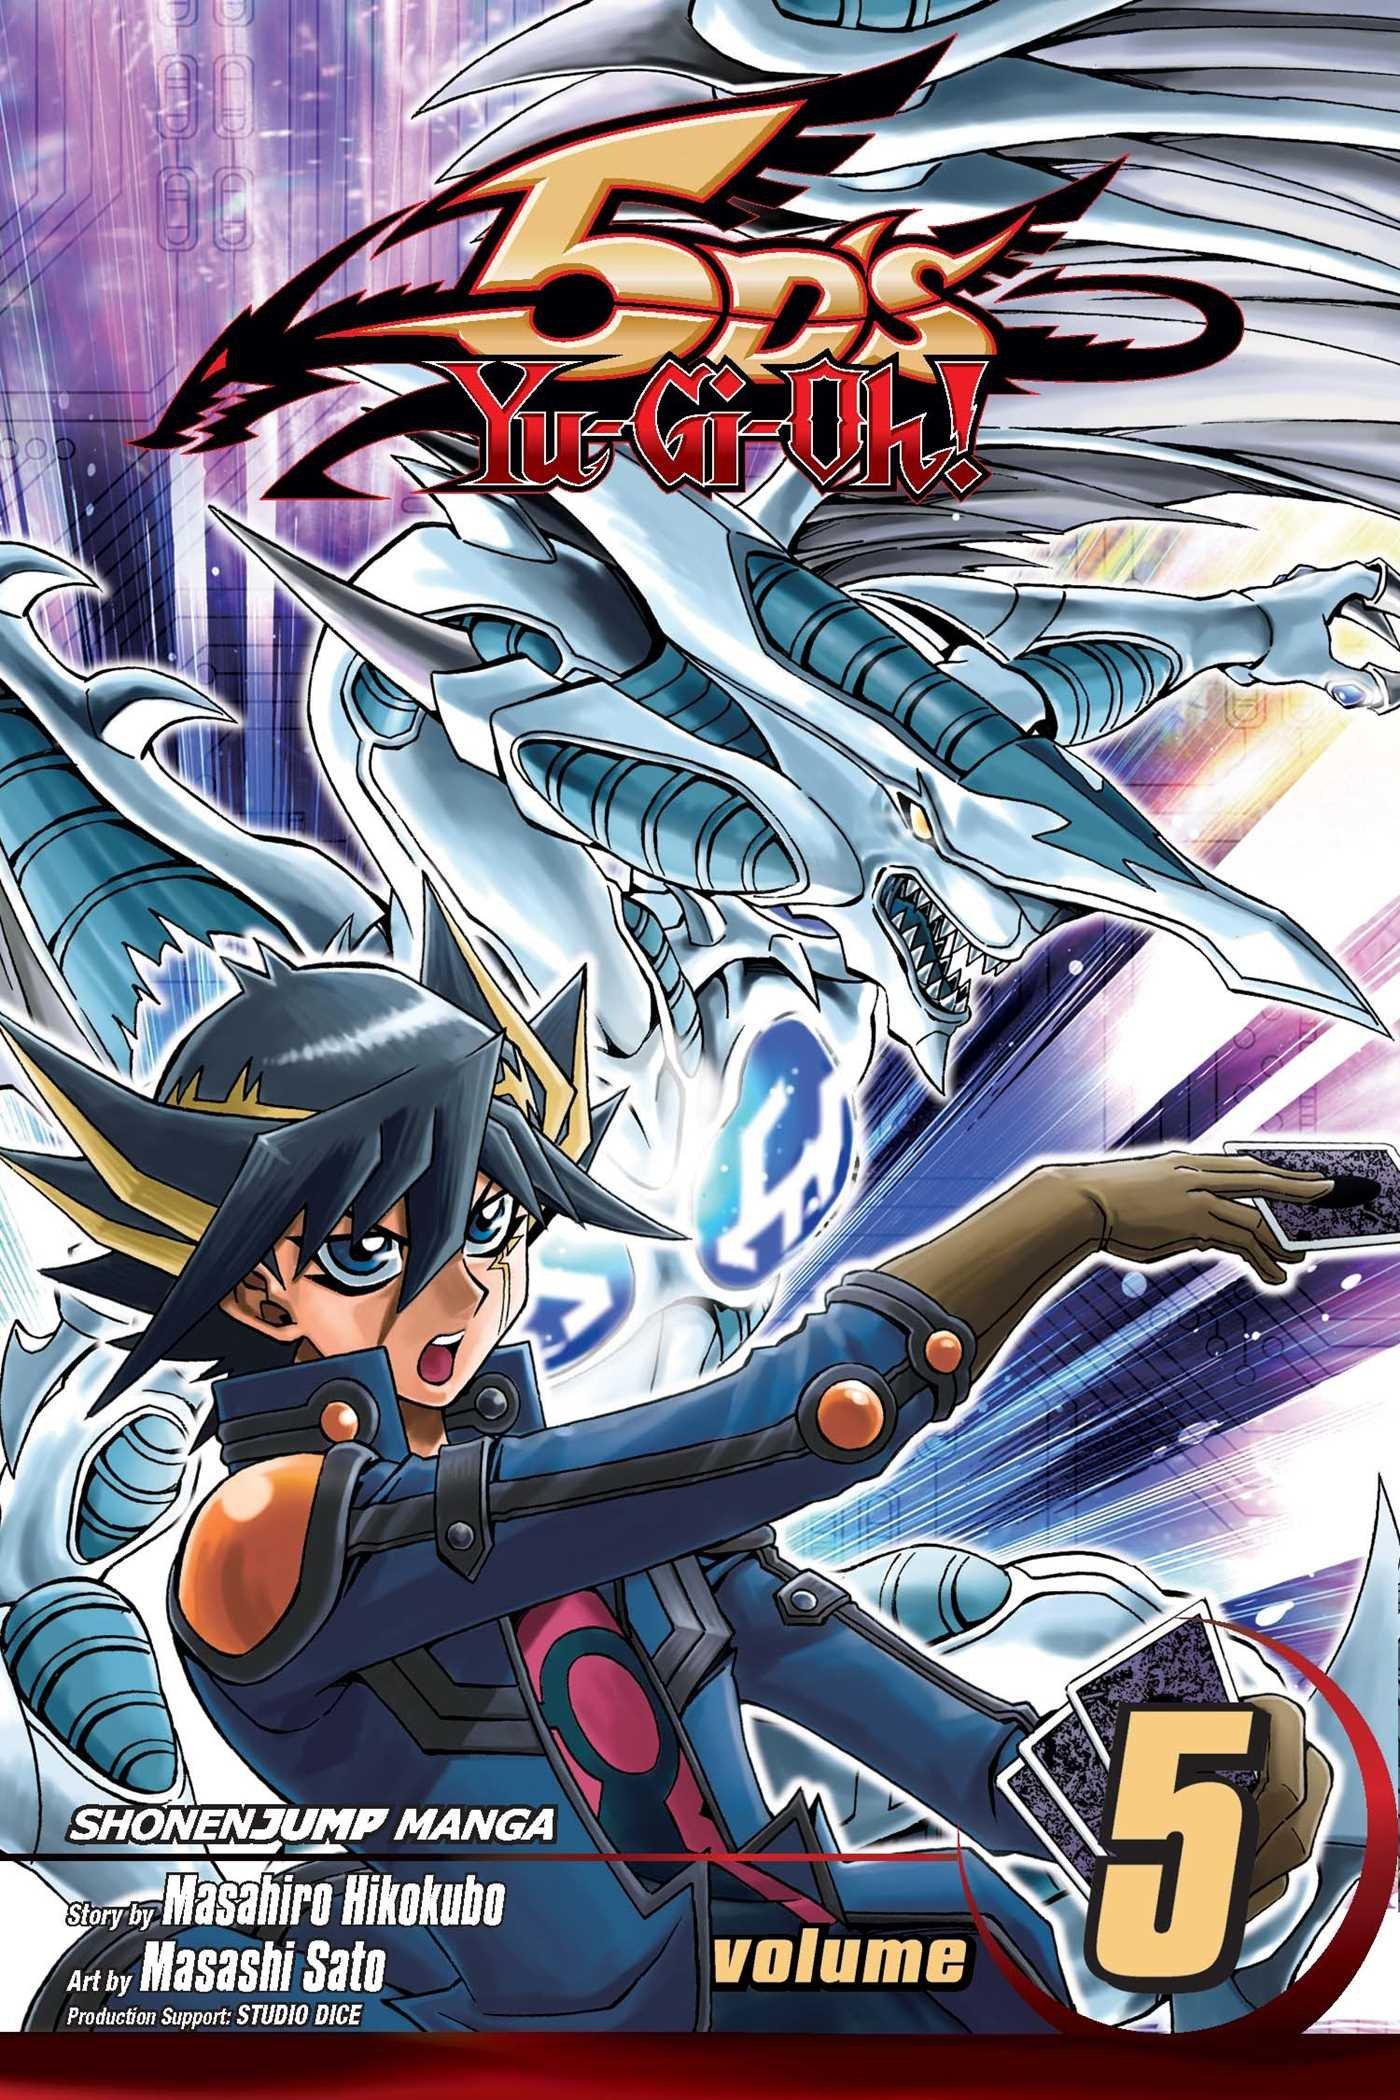 Yu-Gi-Oh! 5d's, Volume 5